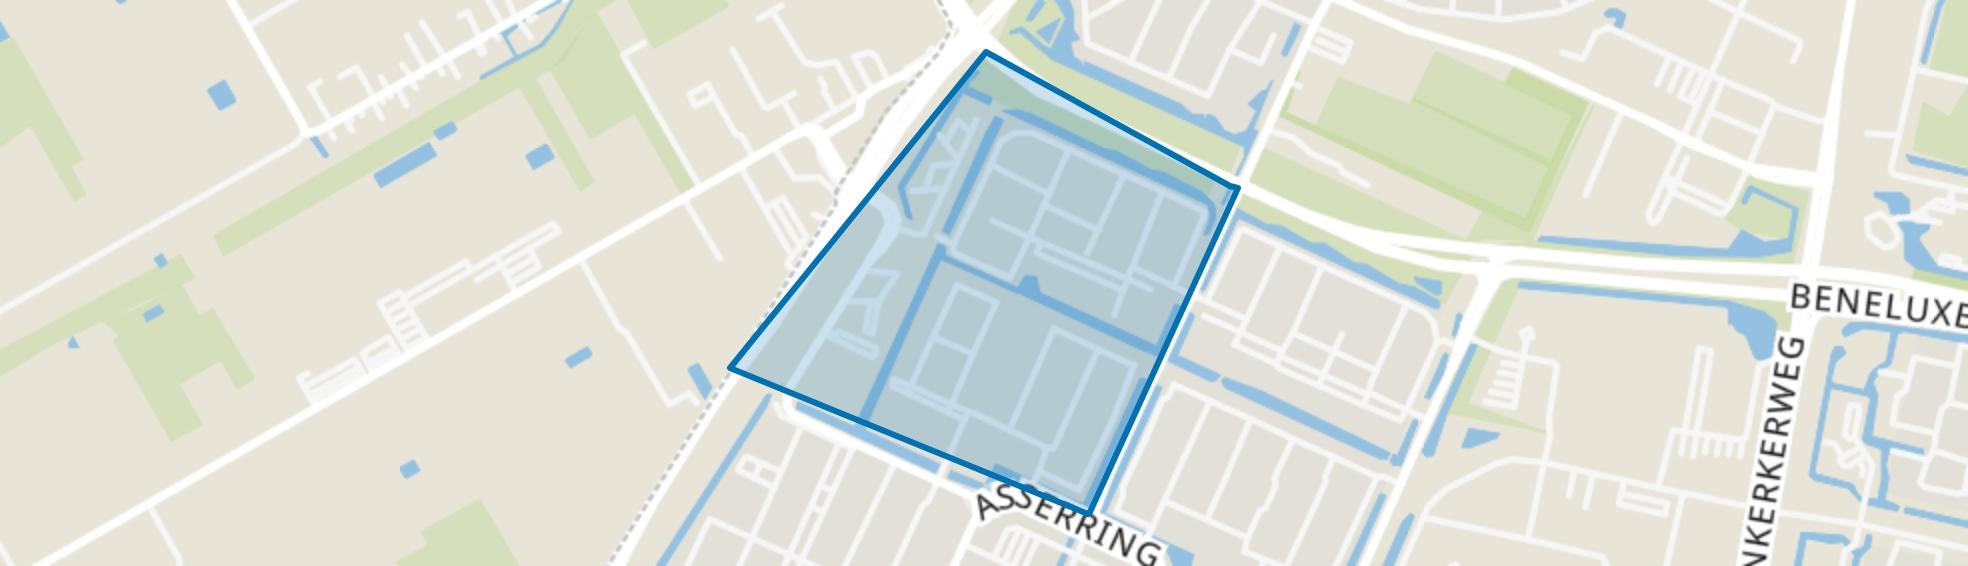 Buitenplaatsenbuurt, Amstelveen map